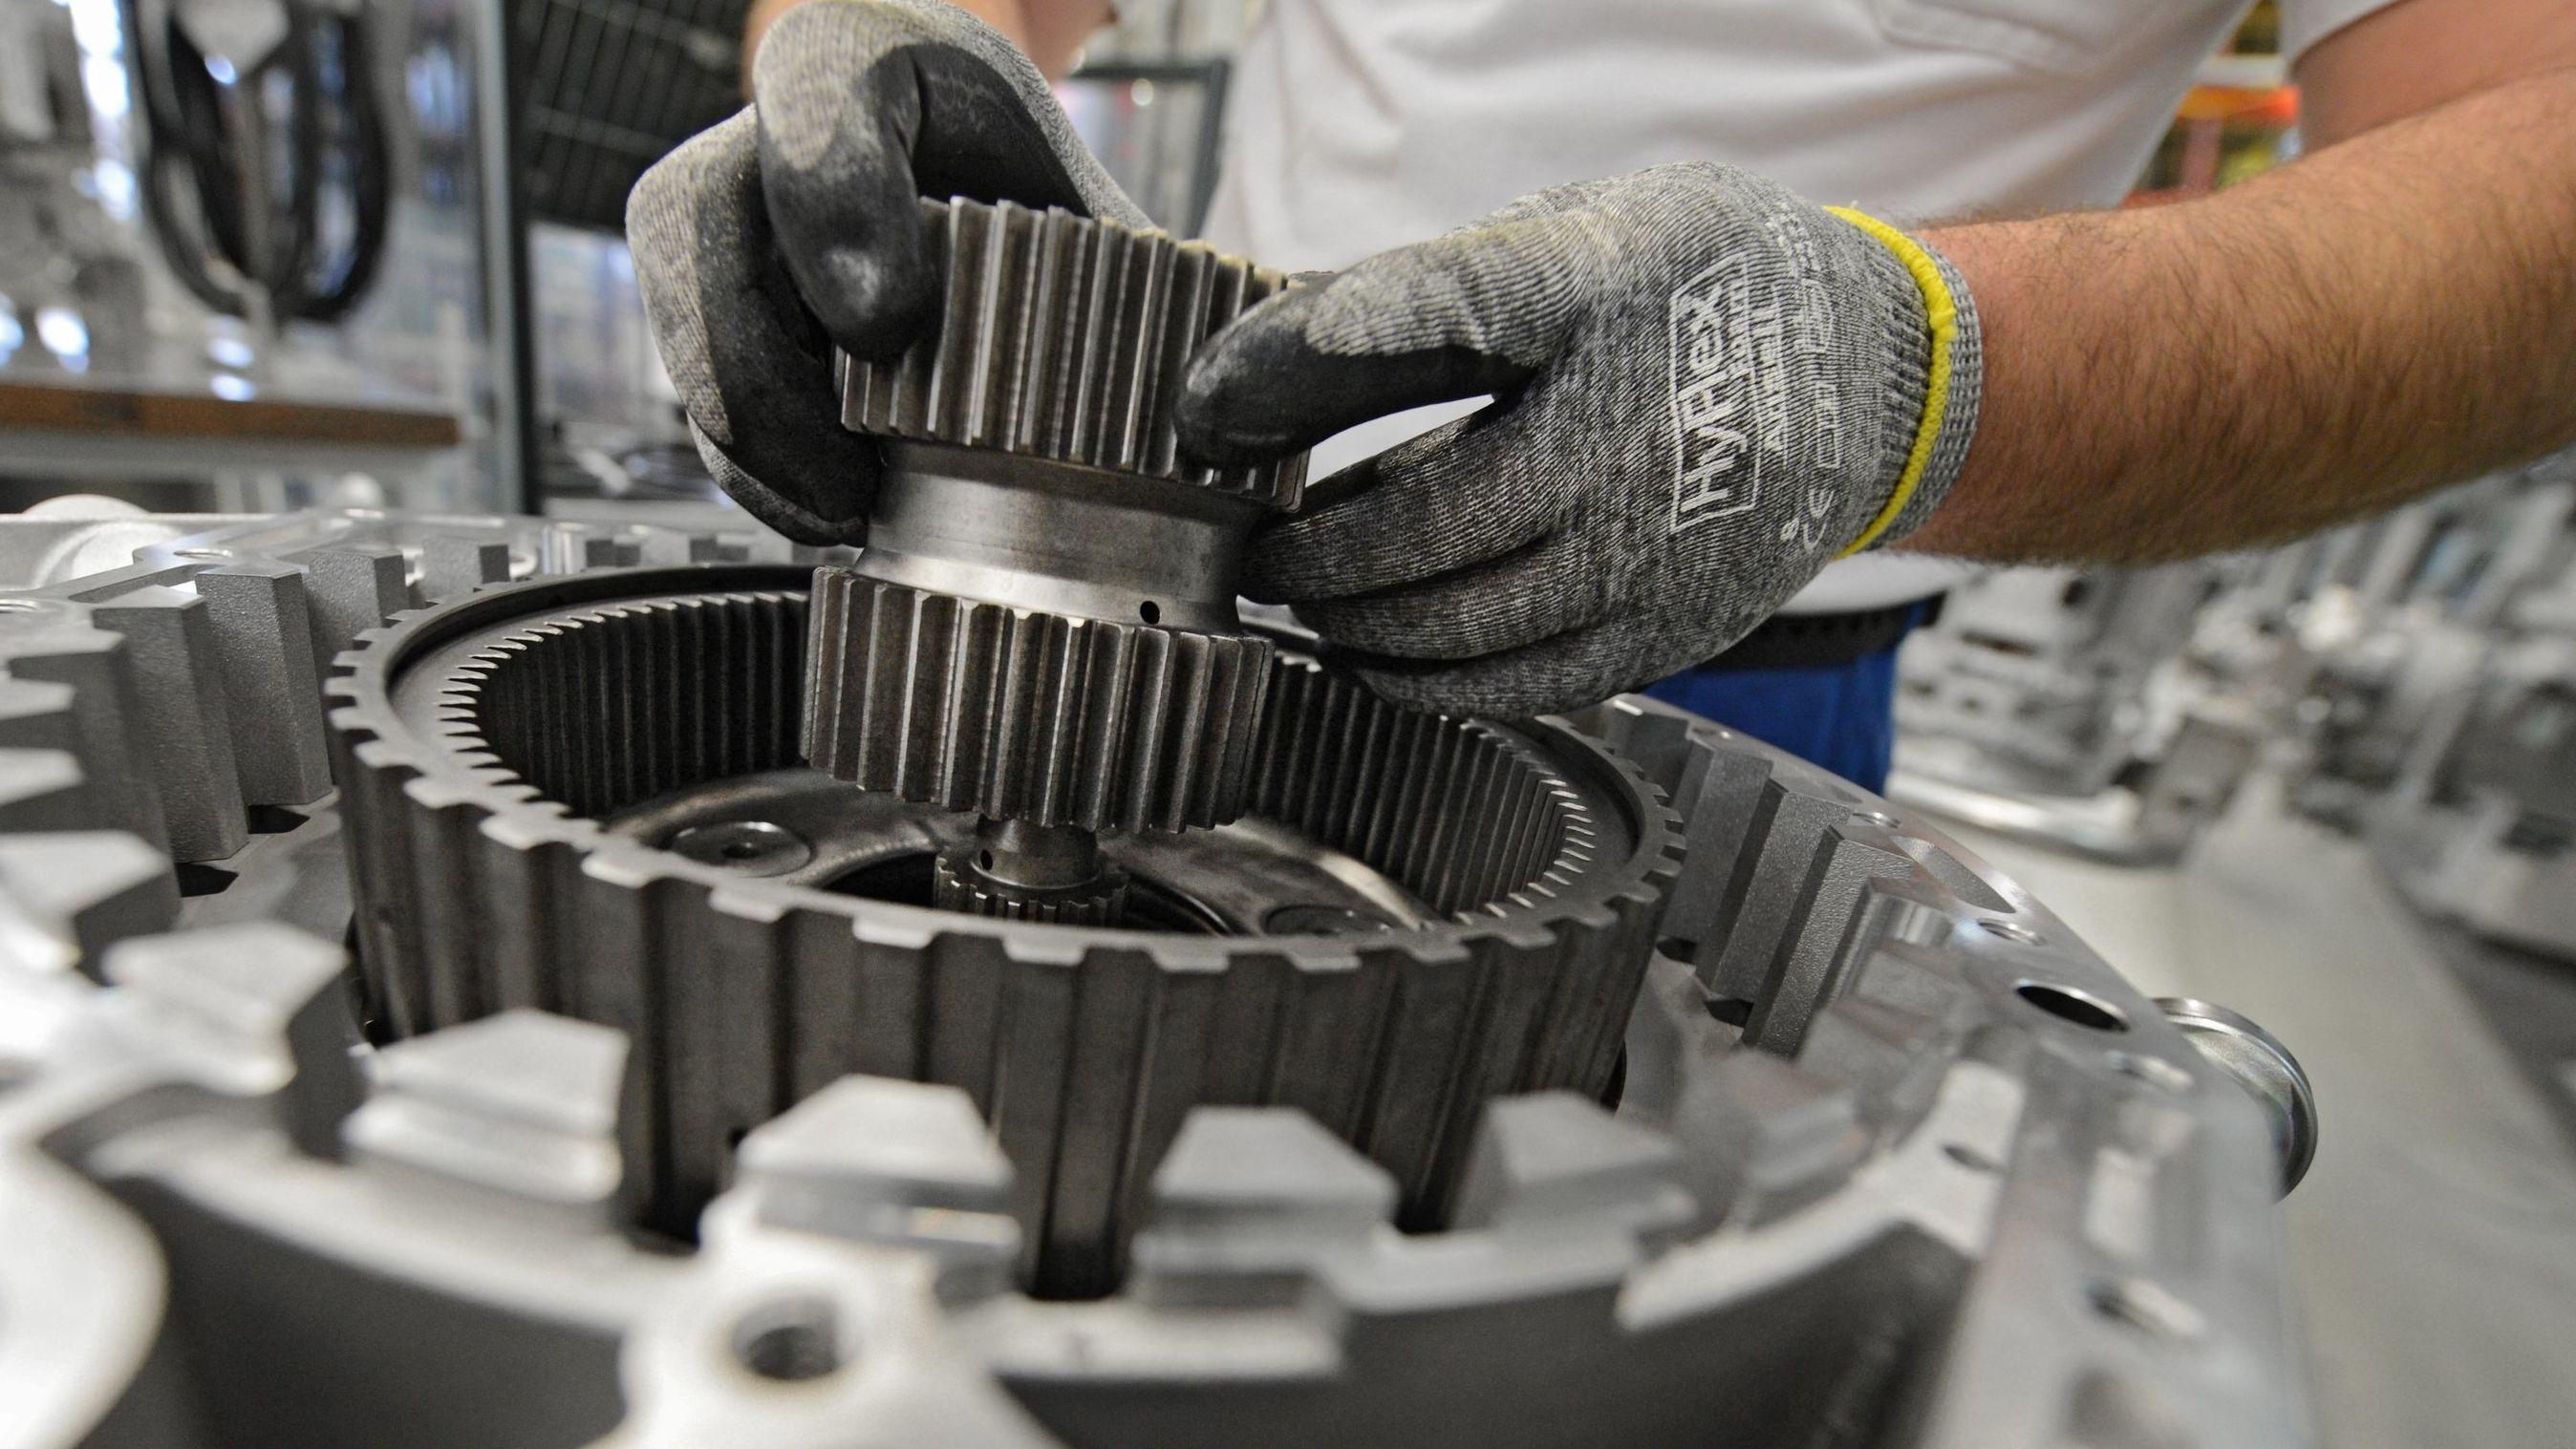 Maschinenbau erwartet weniger Produktion